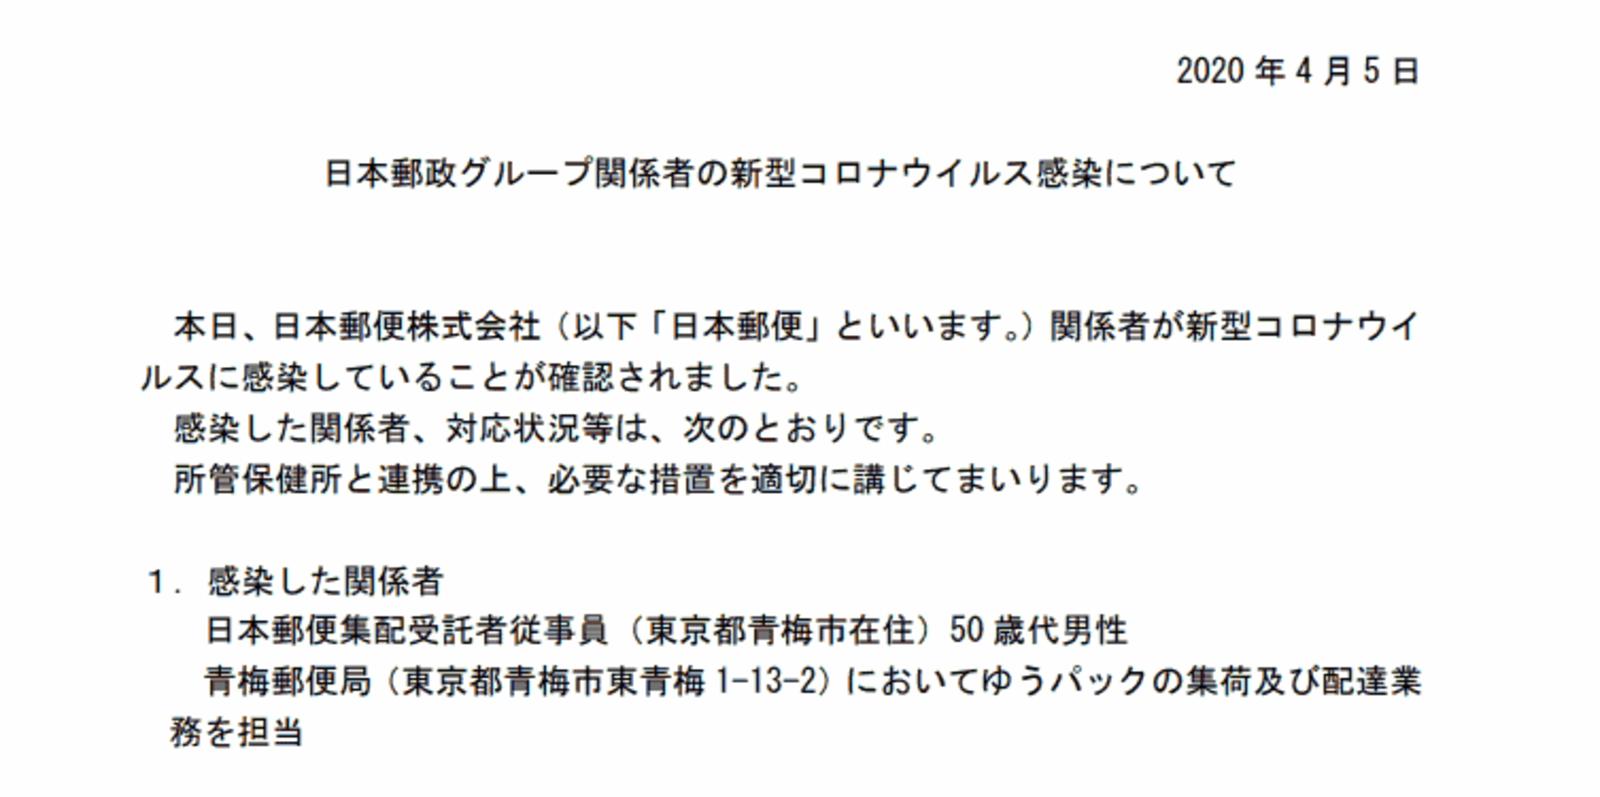 郵便 遅延 日本